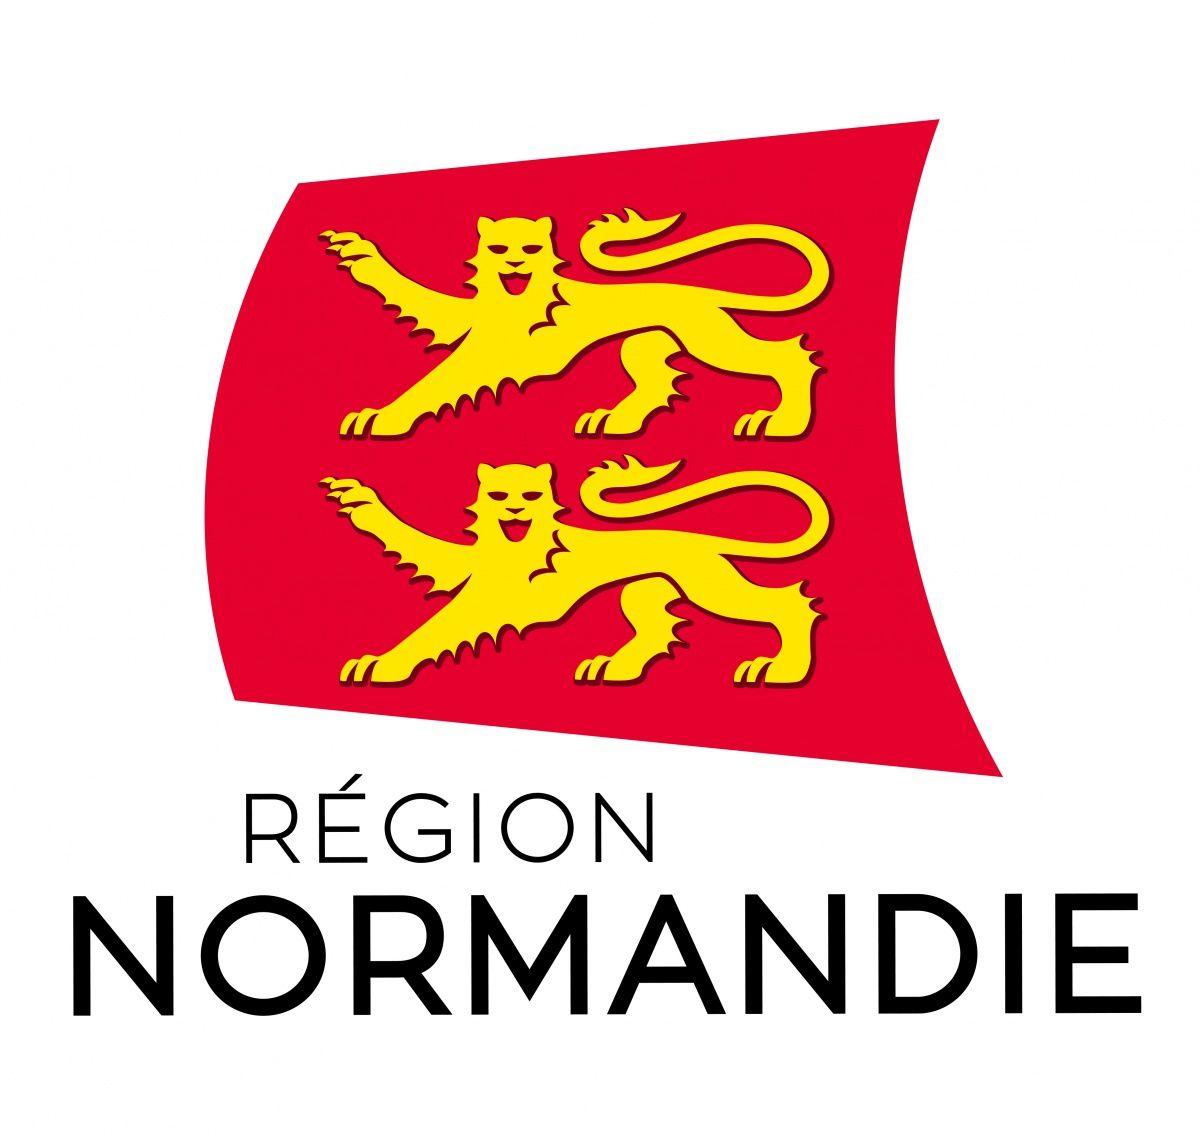 Concours Normands Autour du Monde - Normand es-tu prêt à explorer le monde ? #NormandieRégionMonde